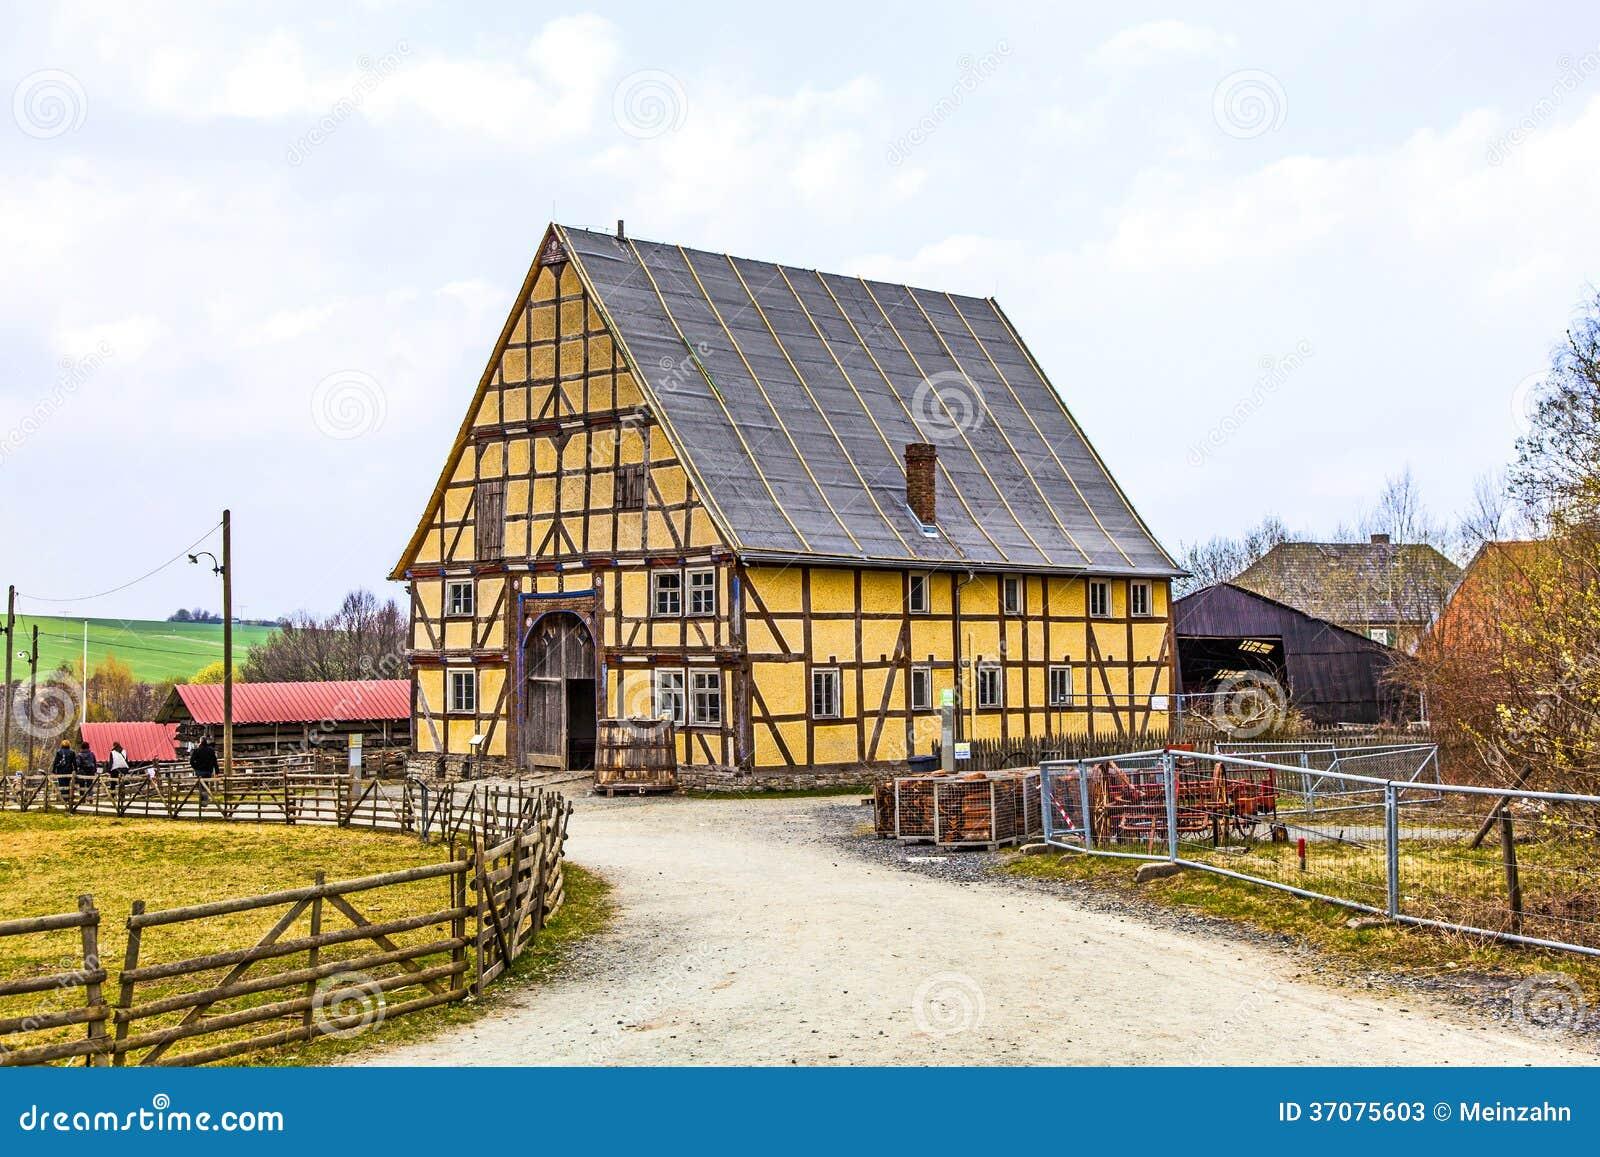 Download Stary Gospodarstwo Rolne Dom Obraz Stock - Obraz złożonej z sceneria, architektury: 37075603